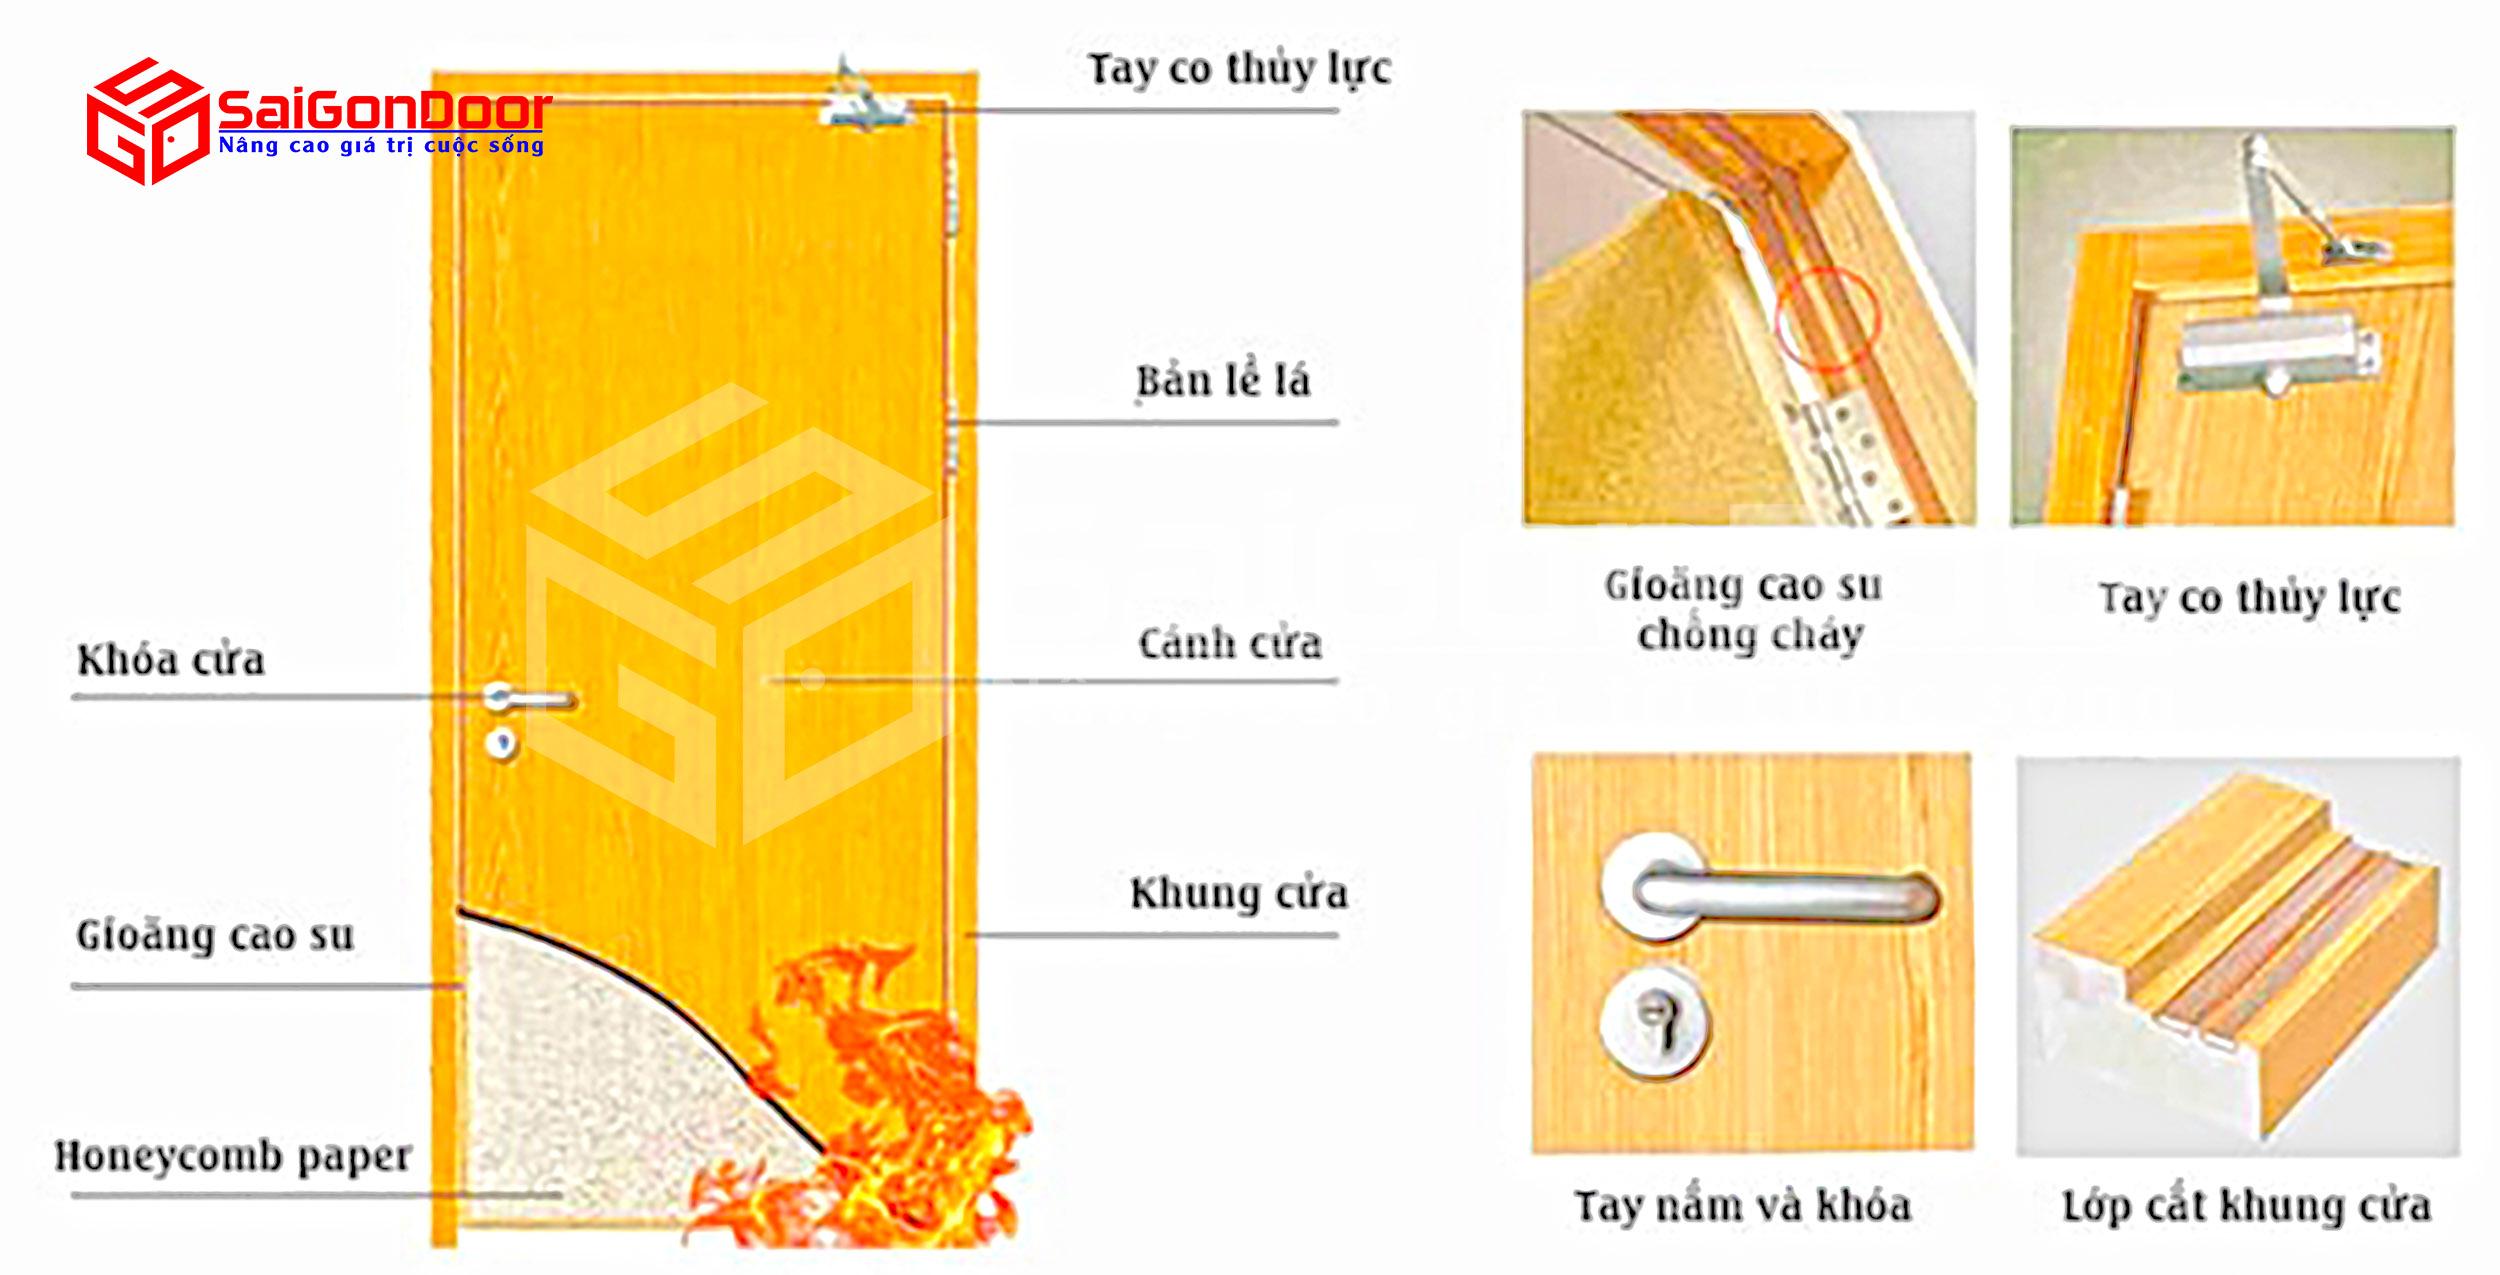 Cấu tạo cửa gỗ chống cháy đảm bảo yêu cầu kĩ thuật